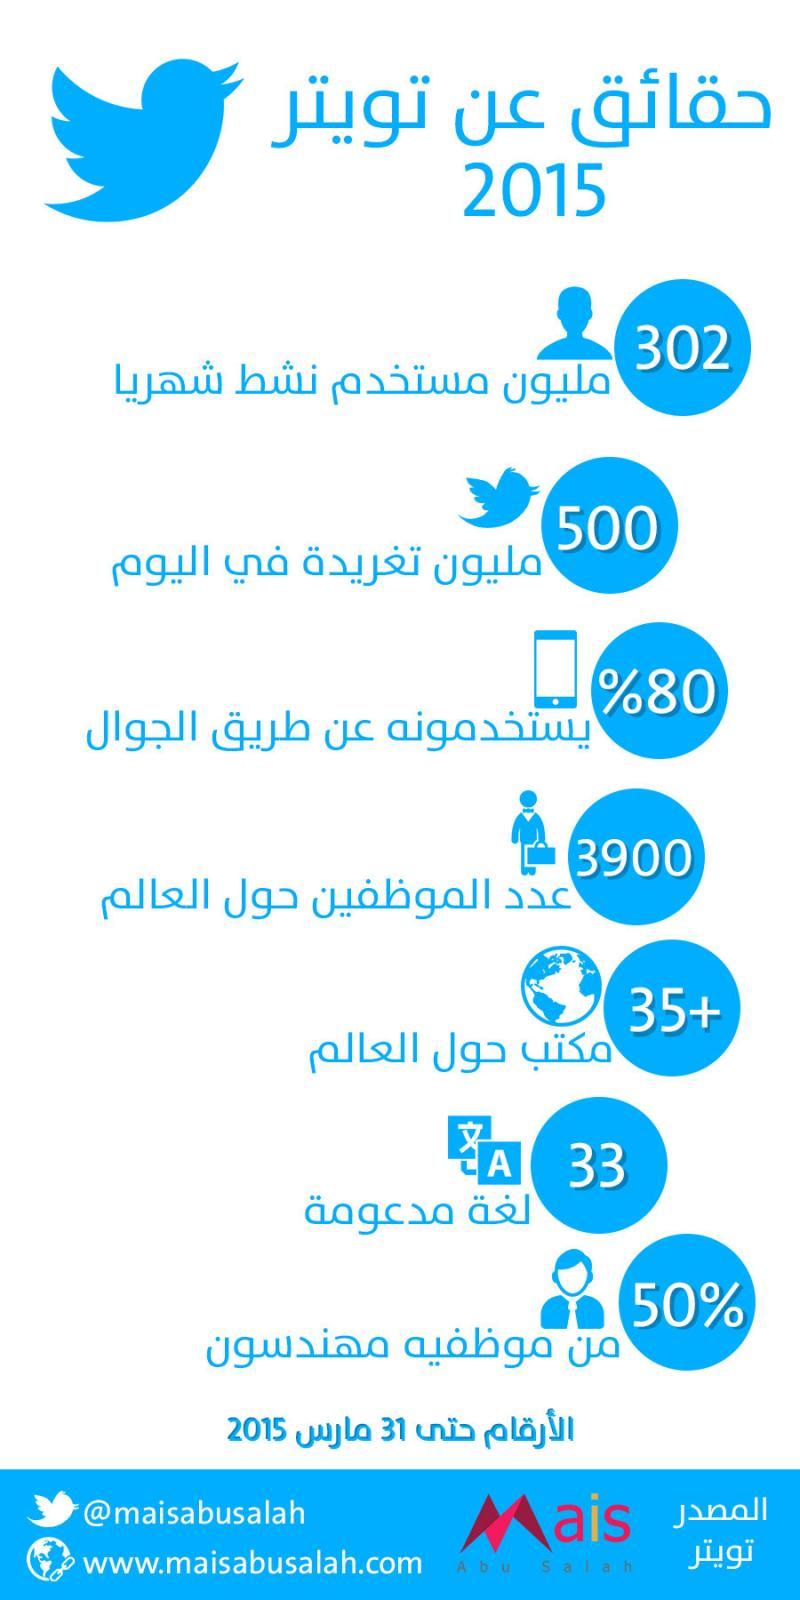 حقائق عن #تويتر 2015 #انفوجرافيك